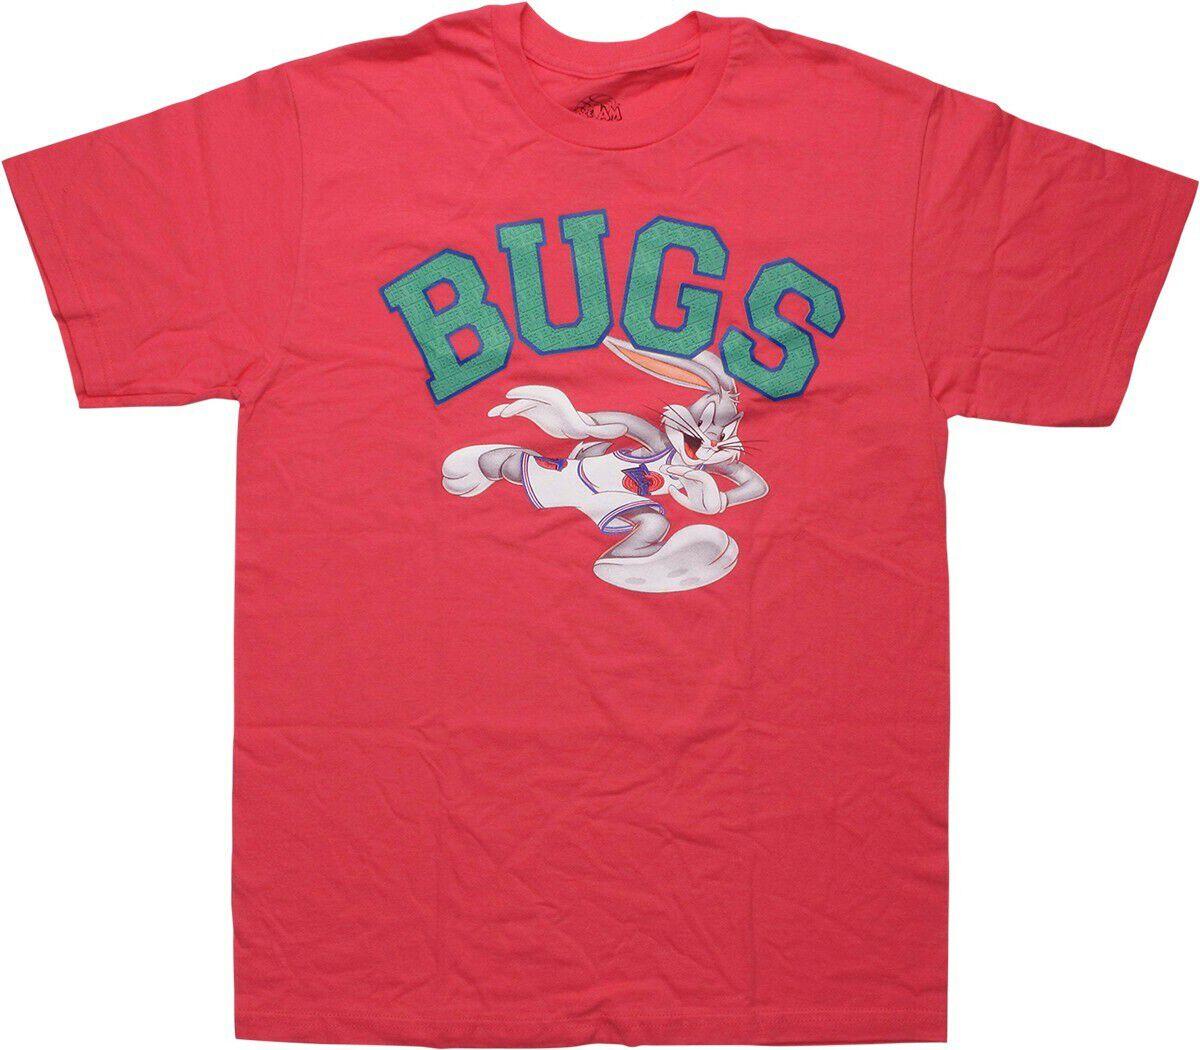 Space Jam Bugs Bunny Baller Pink T-Shirt